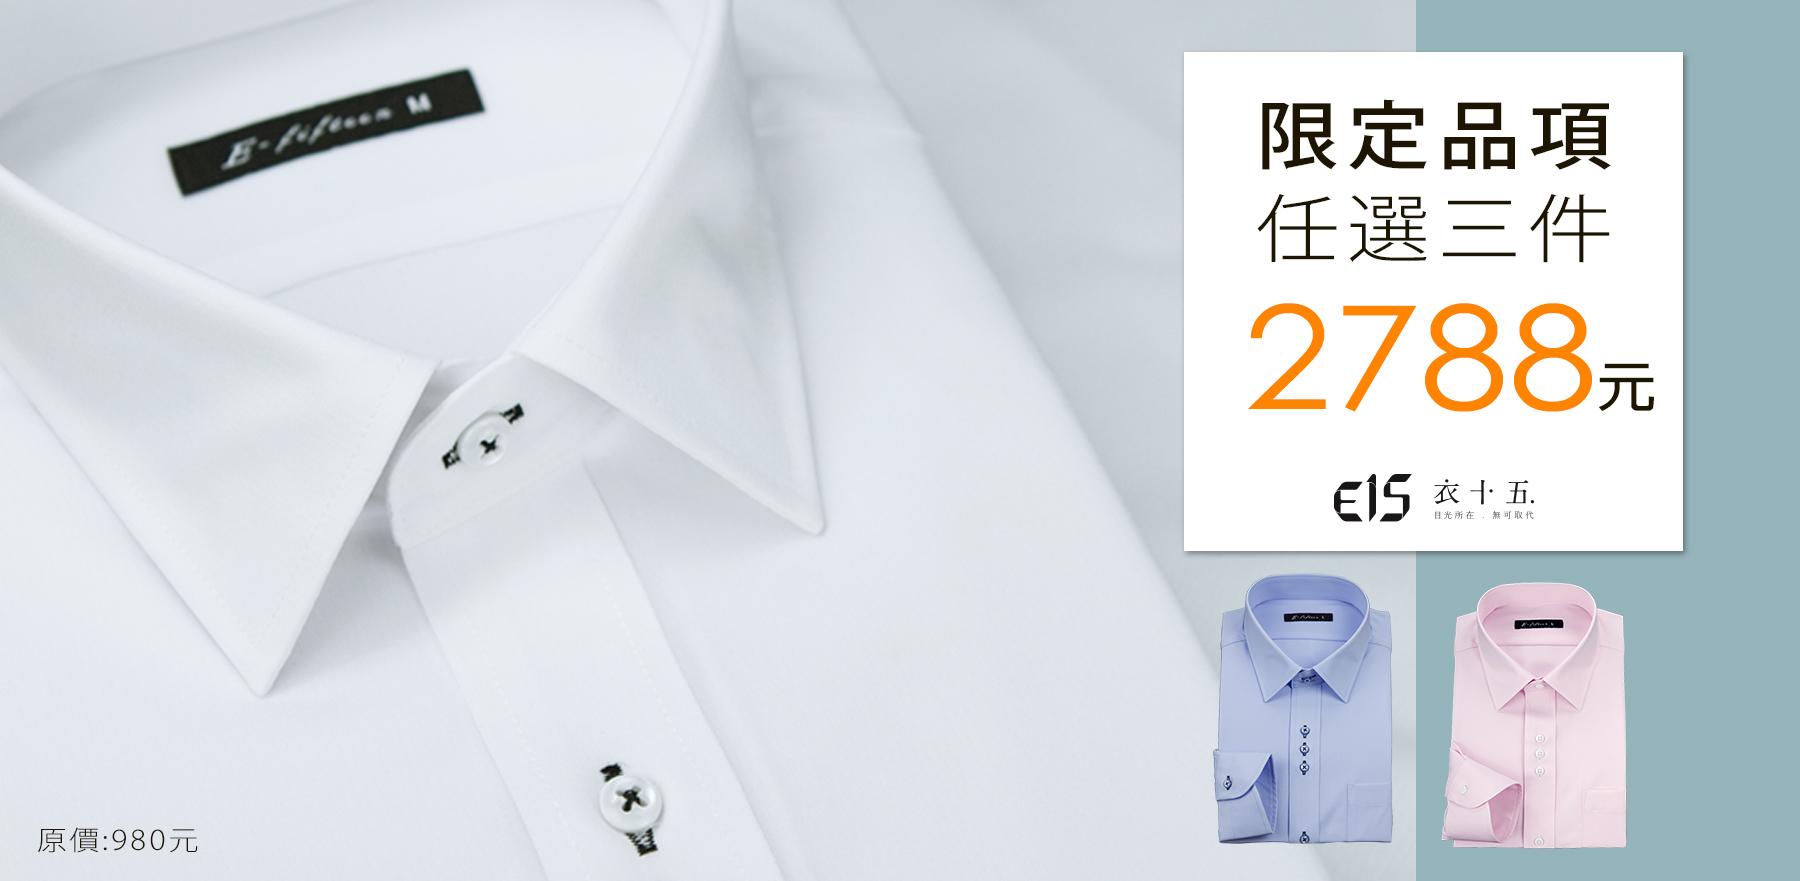 商務襯衫限定組合優惠價,抗皺襯衫、西裝襯衫任你選,只要2788